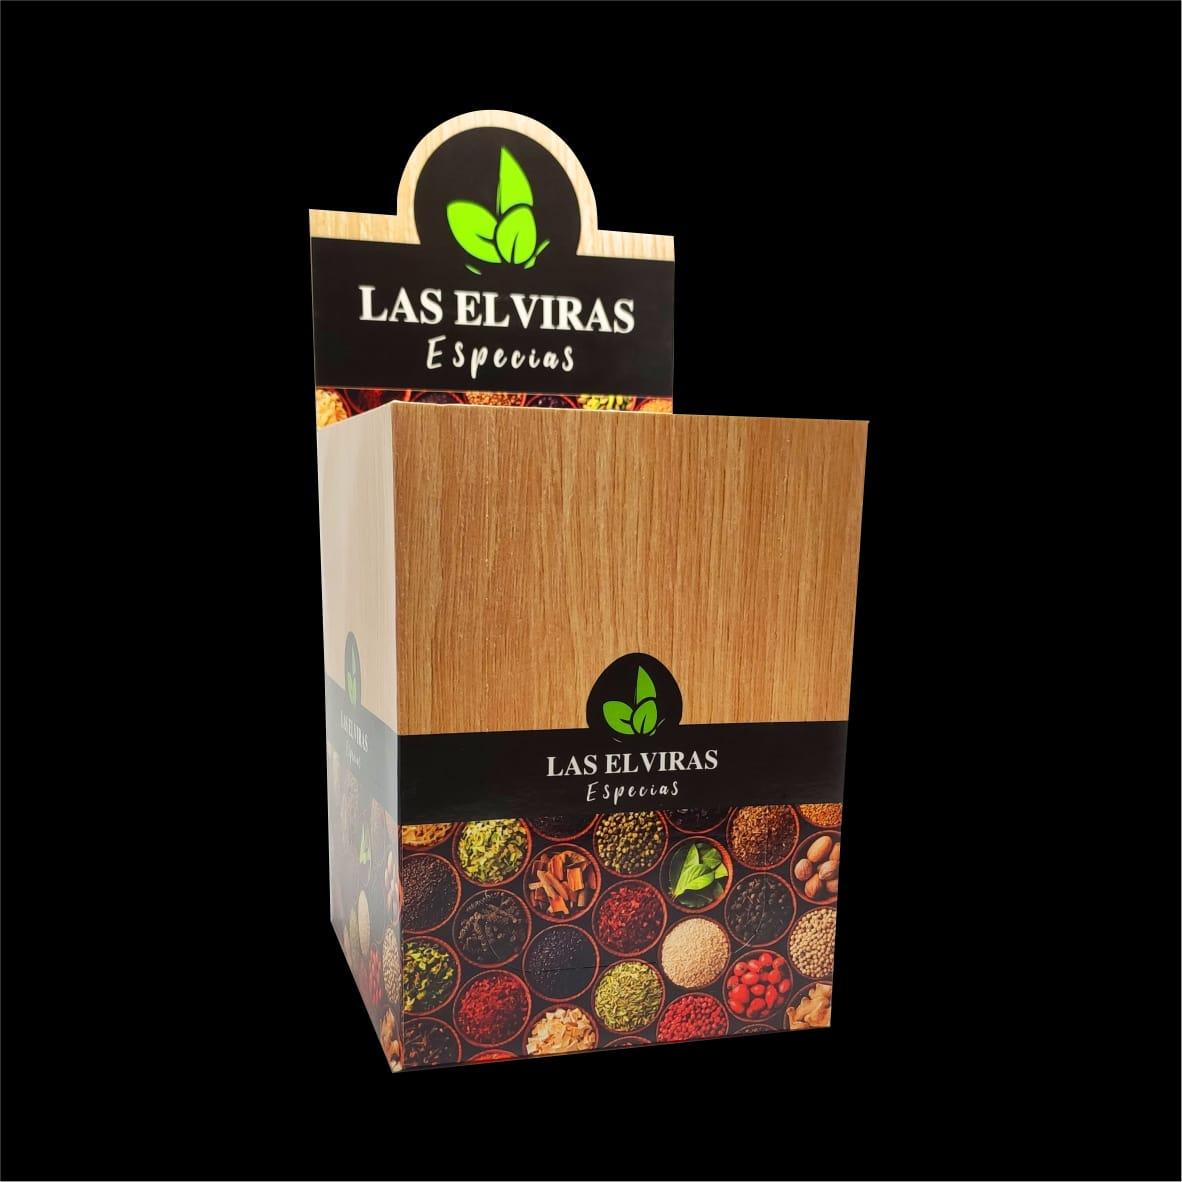 Packaging  Las elviras